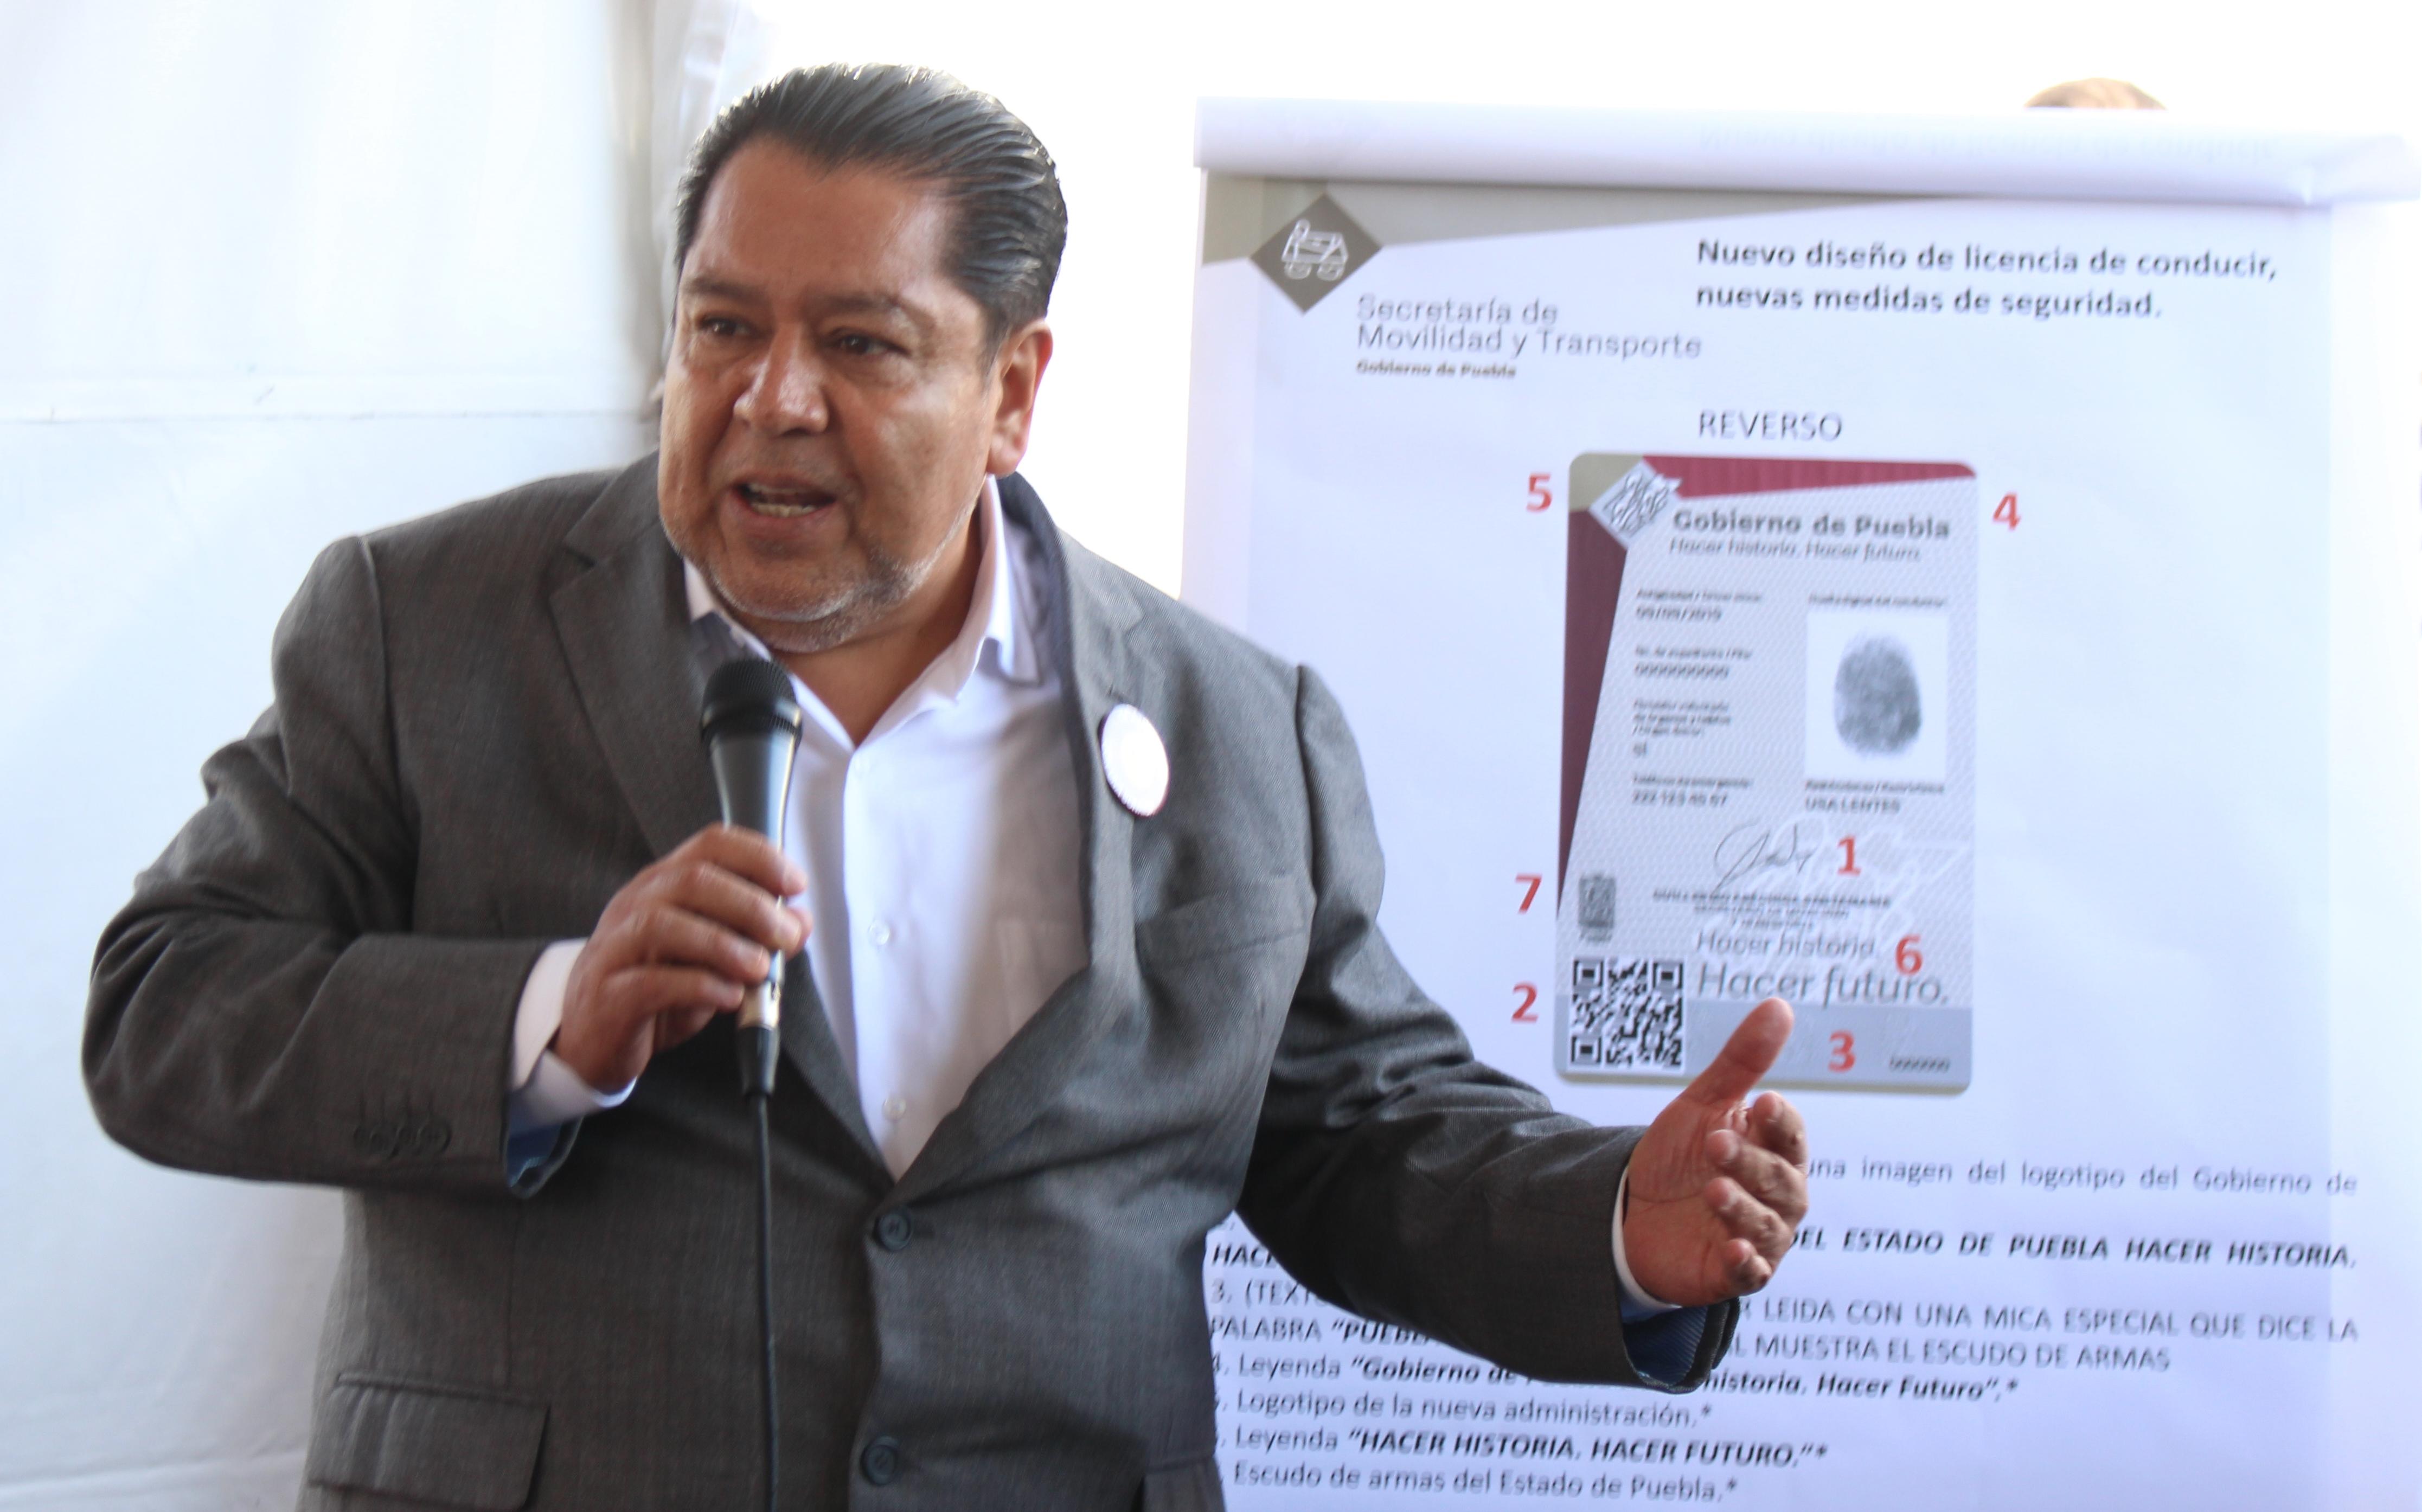 Presenta Smt Nueva Licencia Con 10 Candados De Seguridad